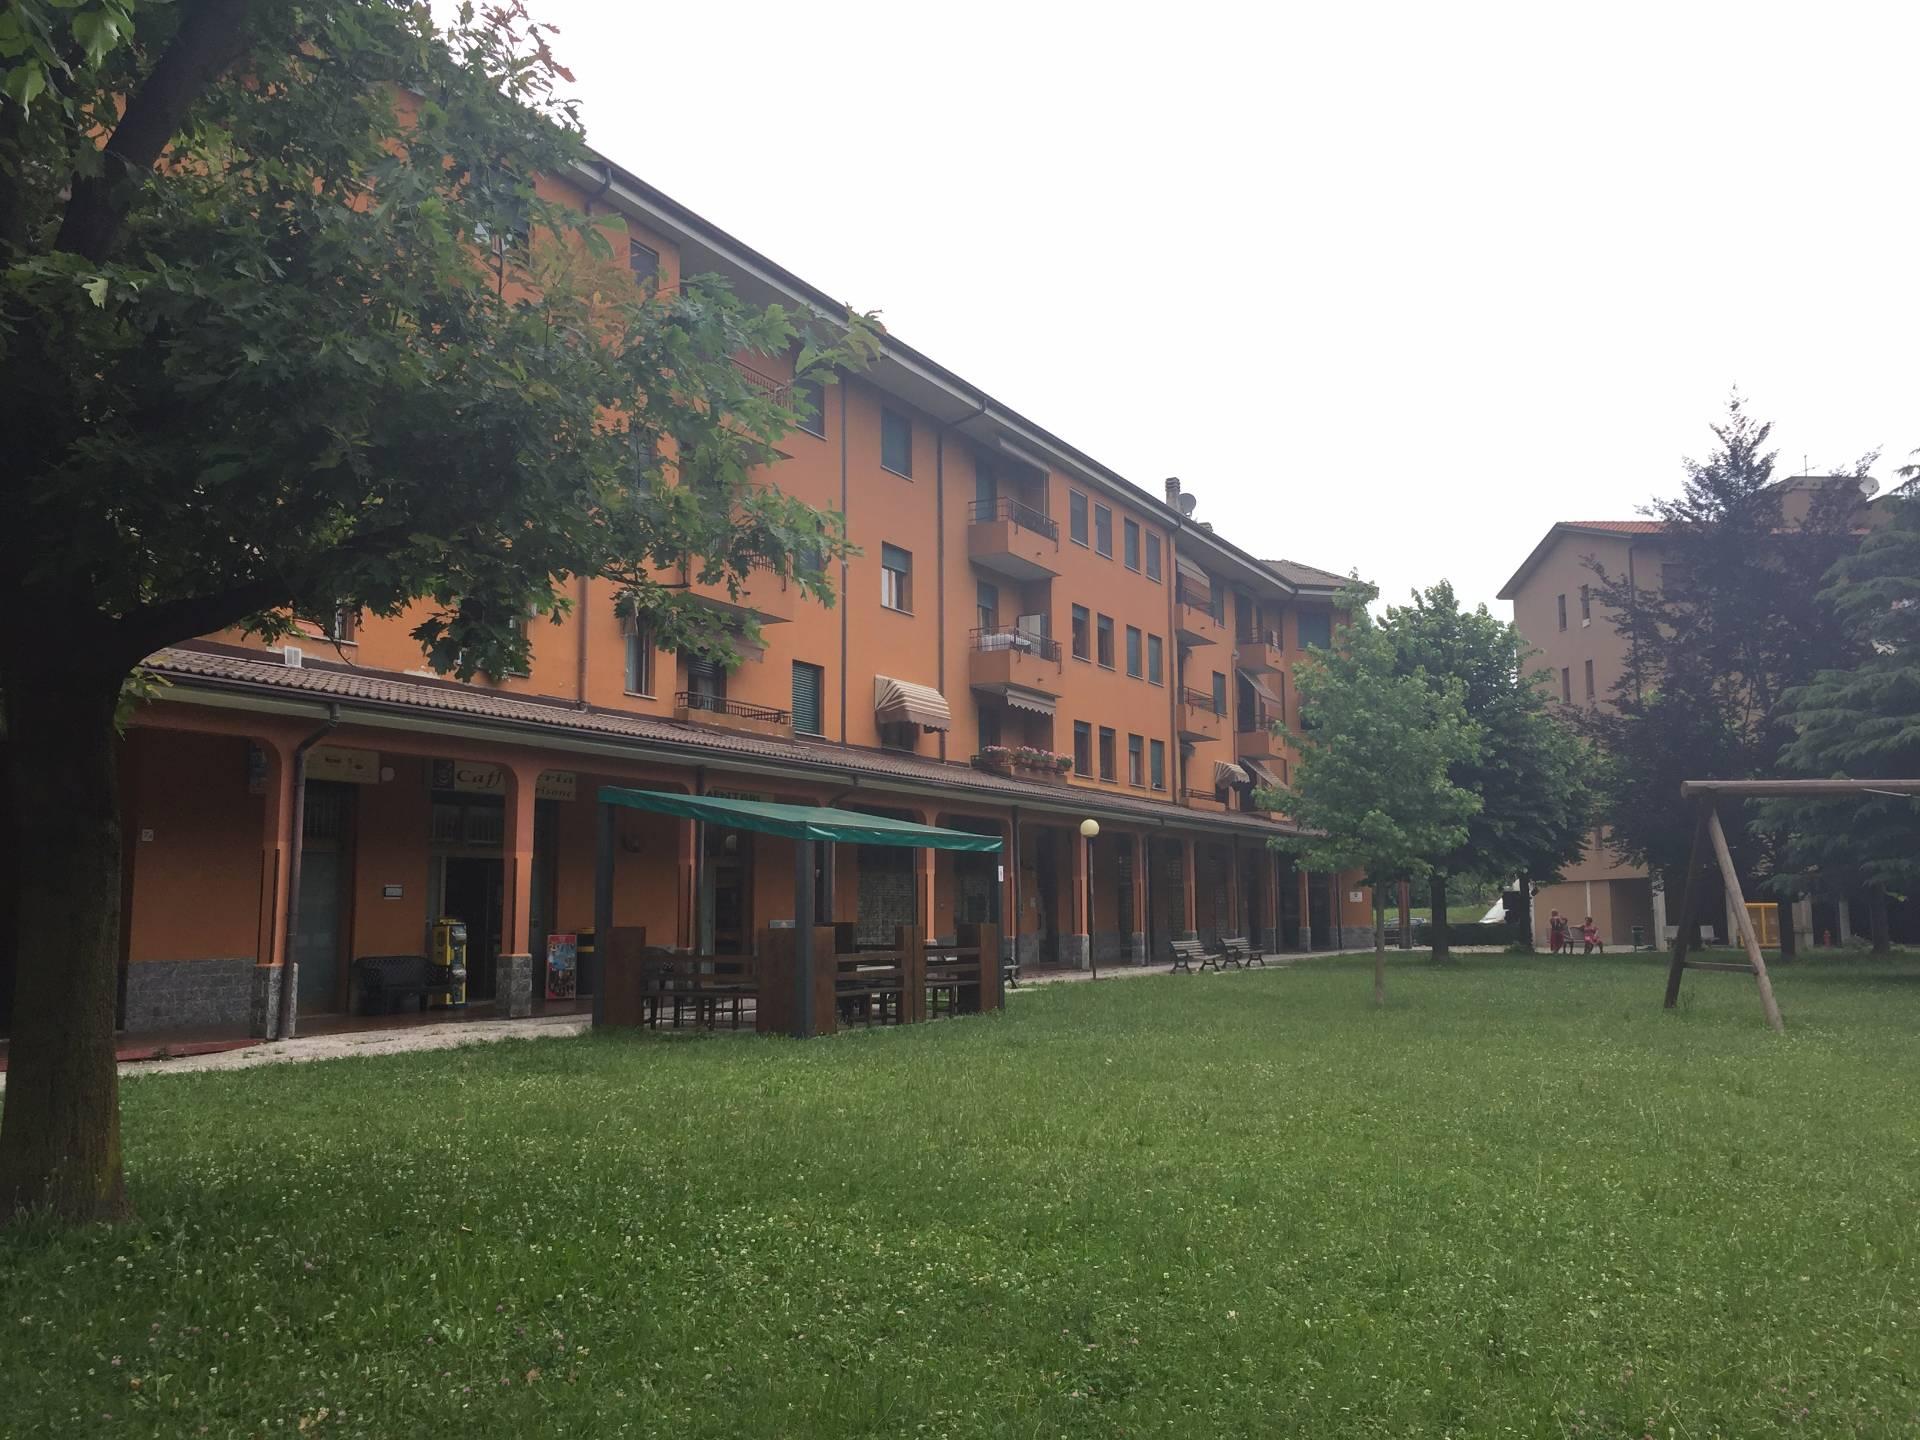 Negozio / Locale in affitto a Canzo, 9999 locali, prezzo € 65.000 | CambioCasa.it